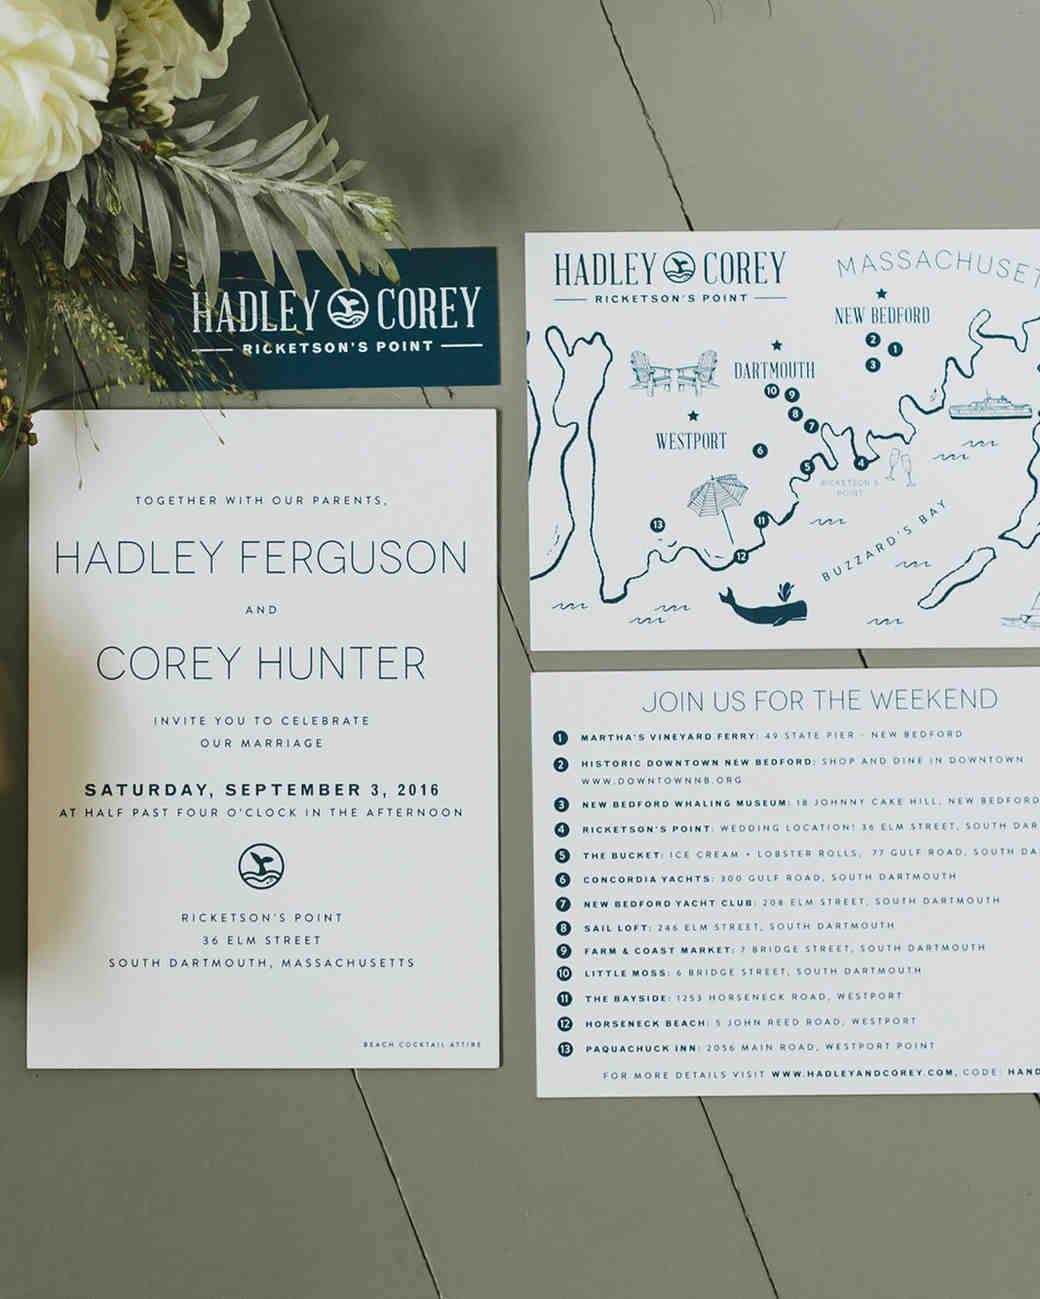 hadley corey wedding stationery